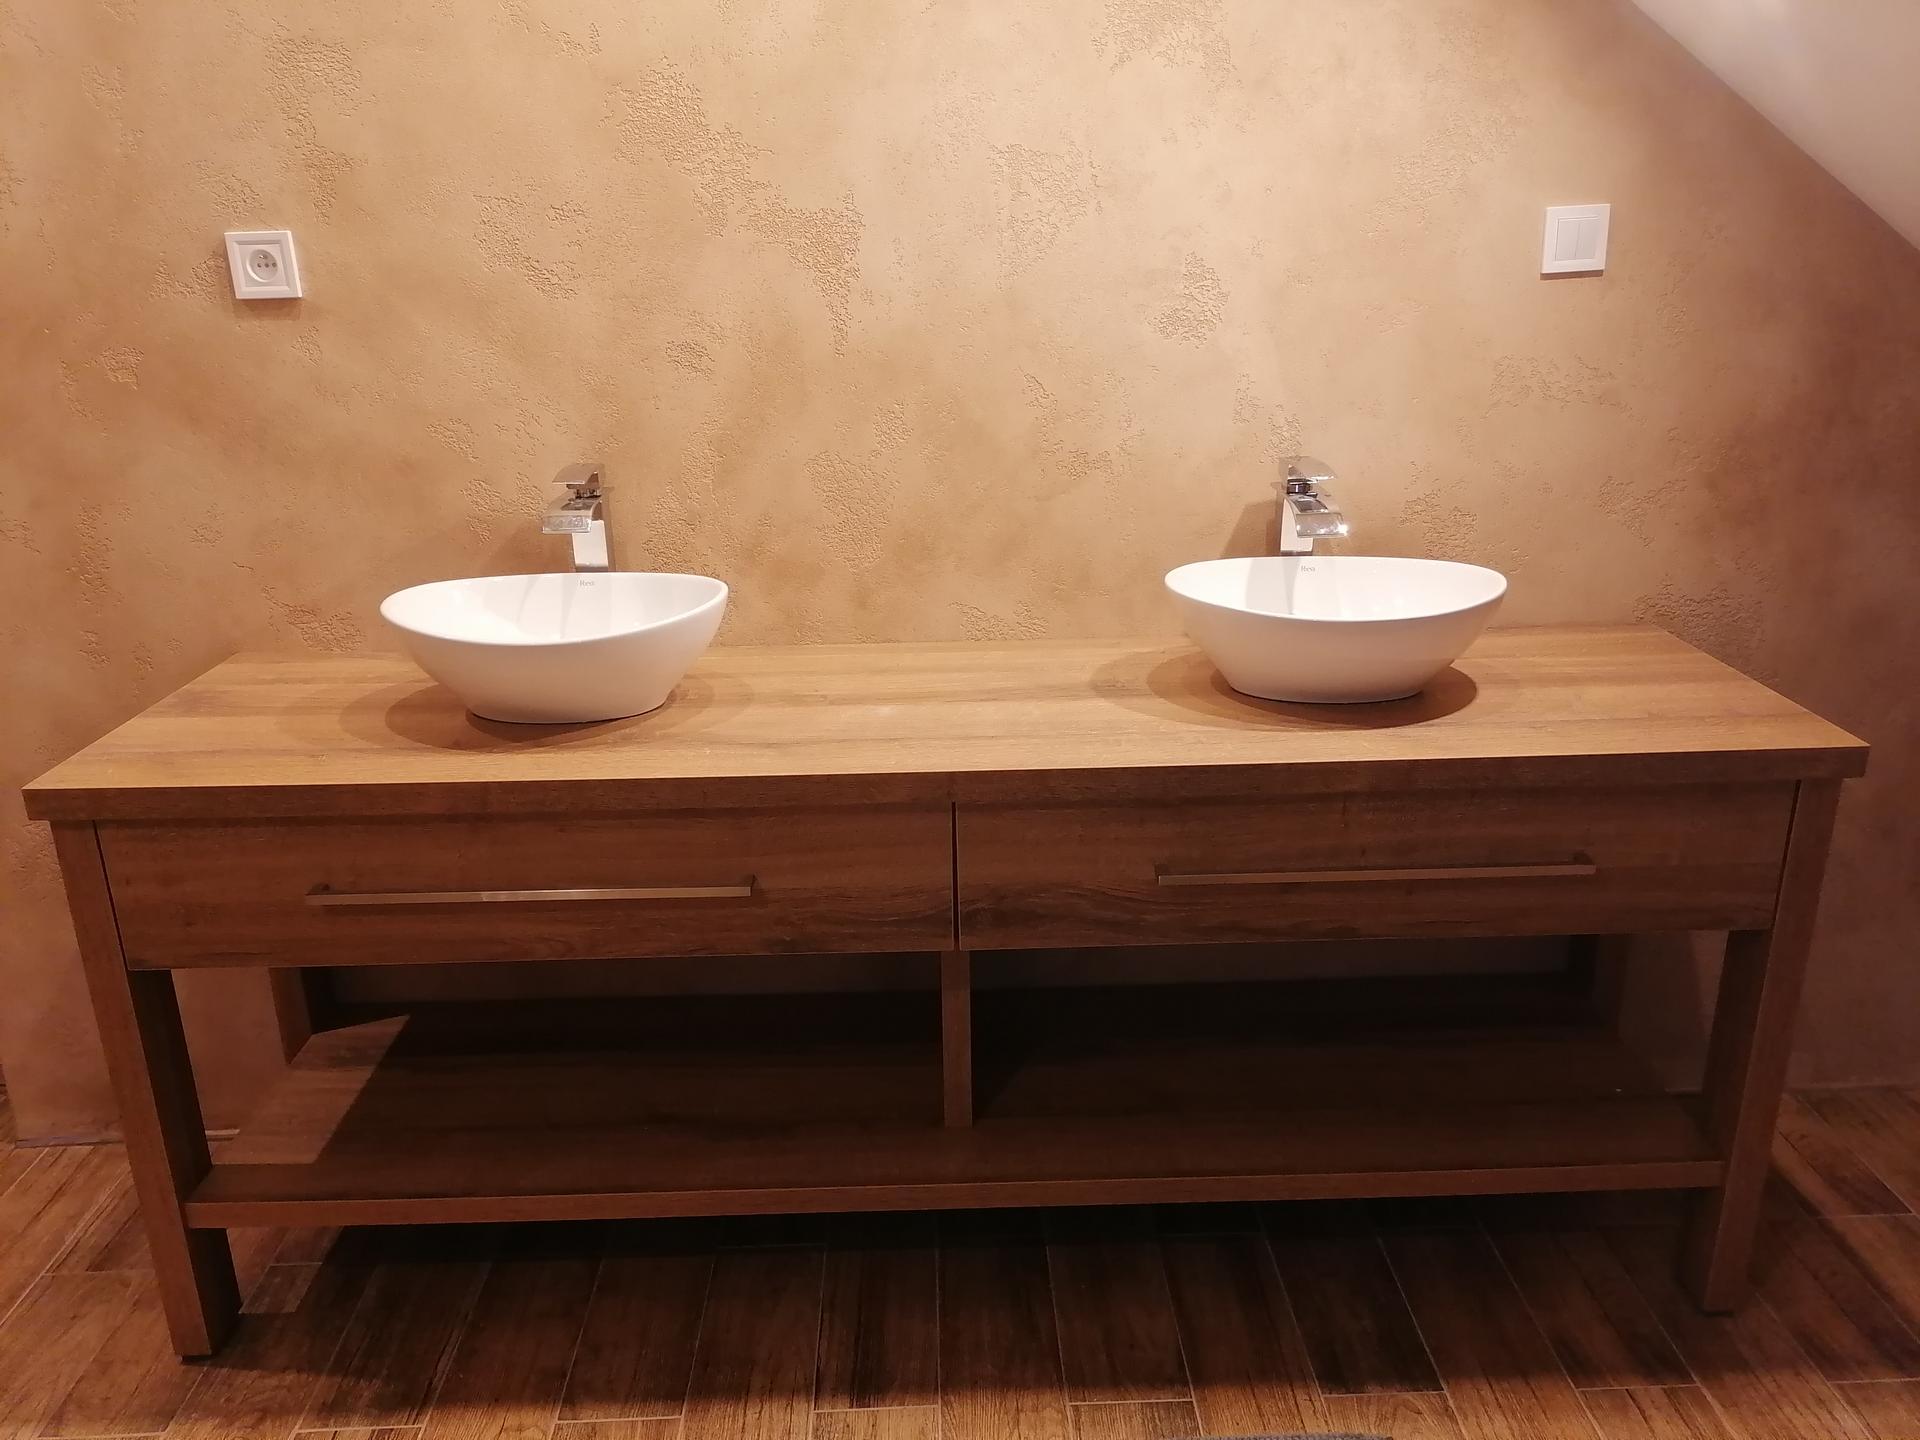 Náš český farmhouse ❤️ - Po dvou měsících máme v koupelně umyvadla..